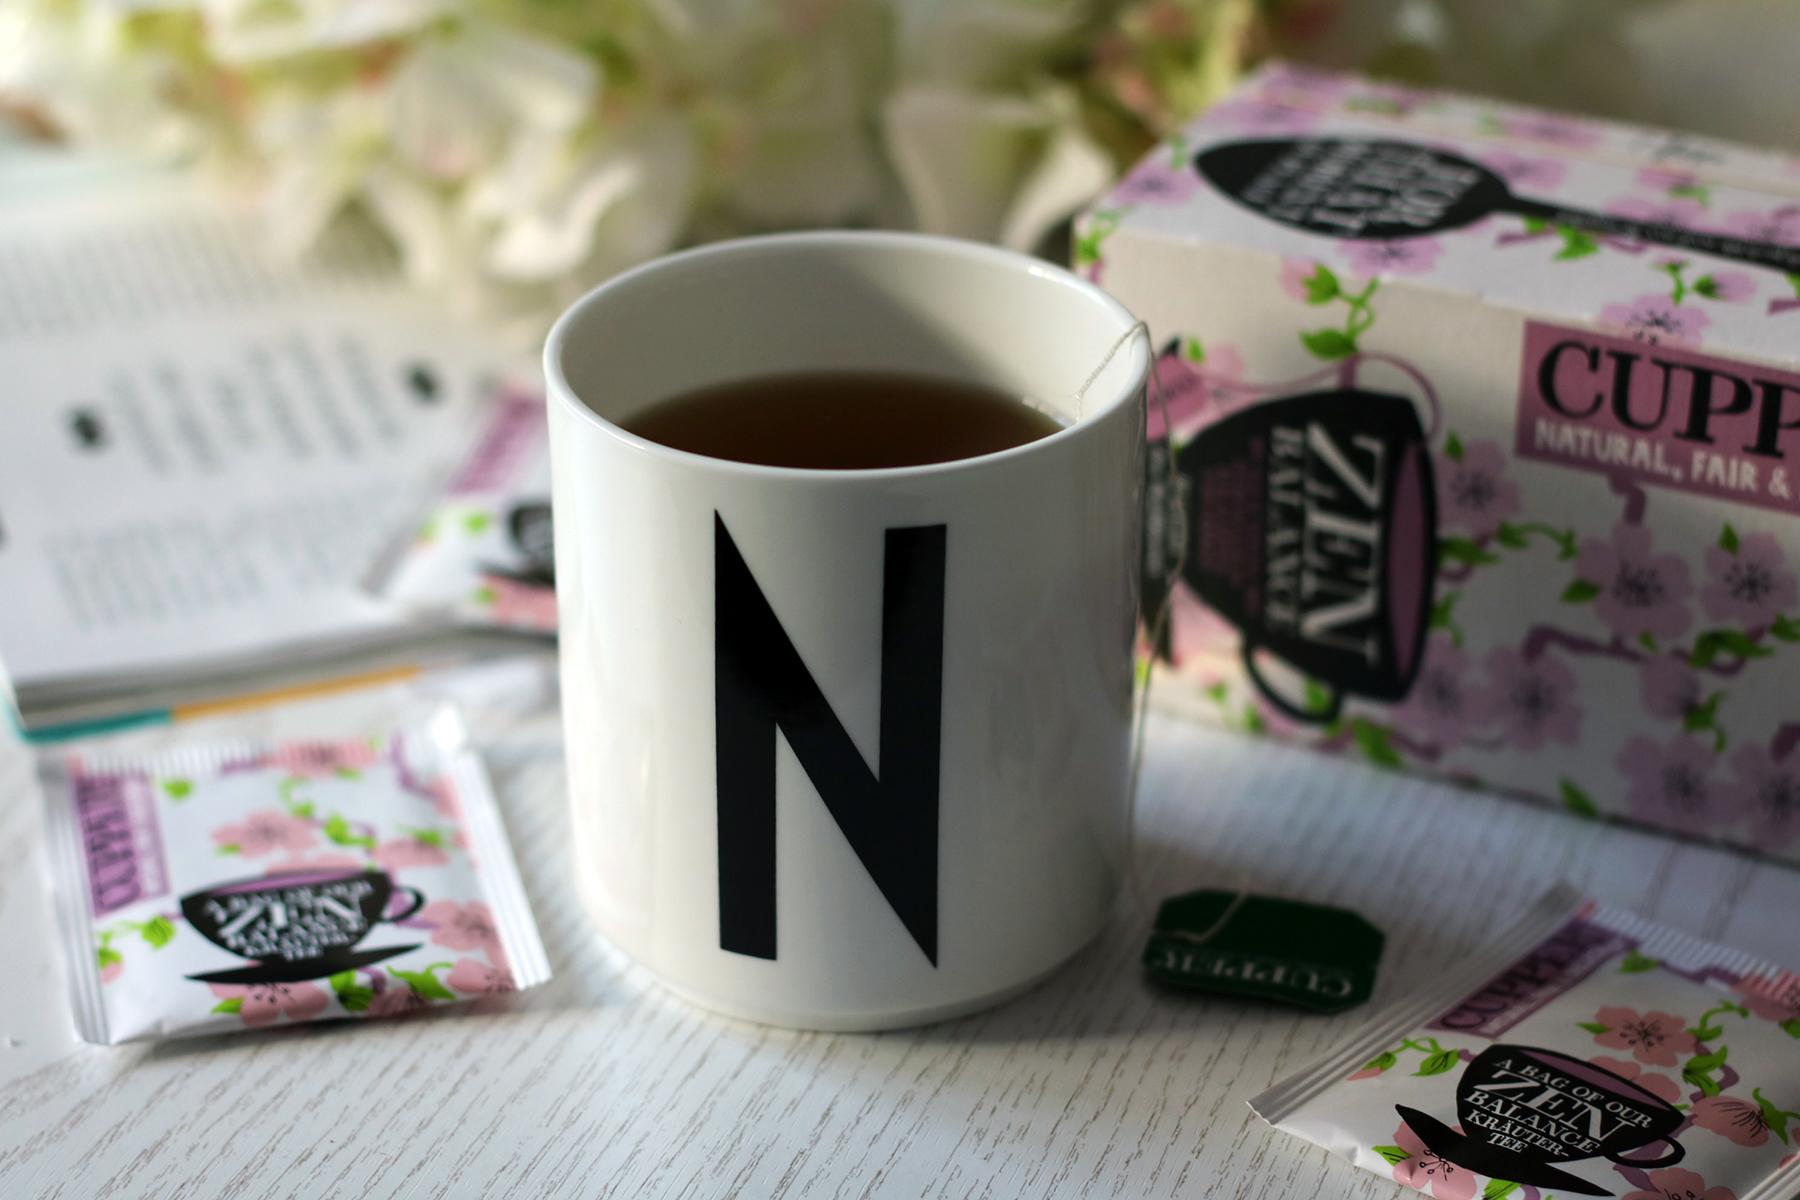 cupper-tea-post-auszeit-modeblog-fashionblog-tipps-ruhe-gönnen-seit-für-sich4